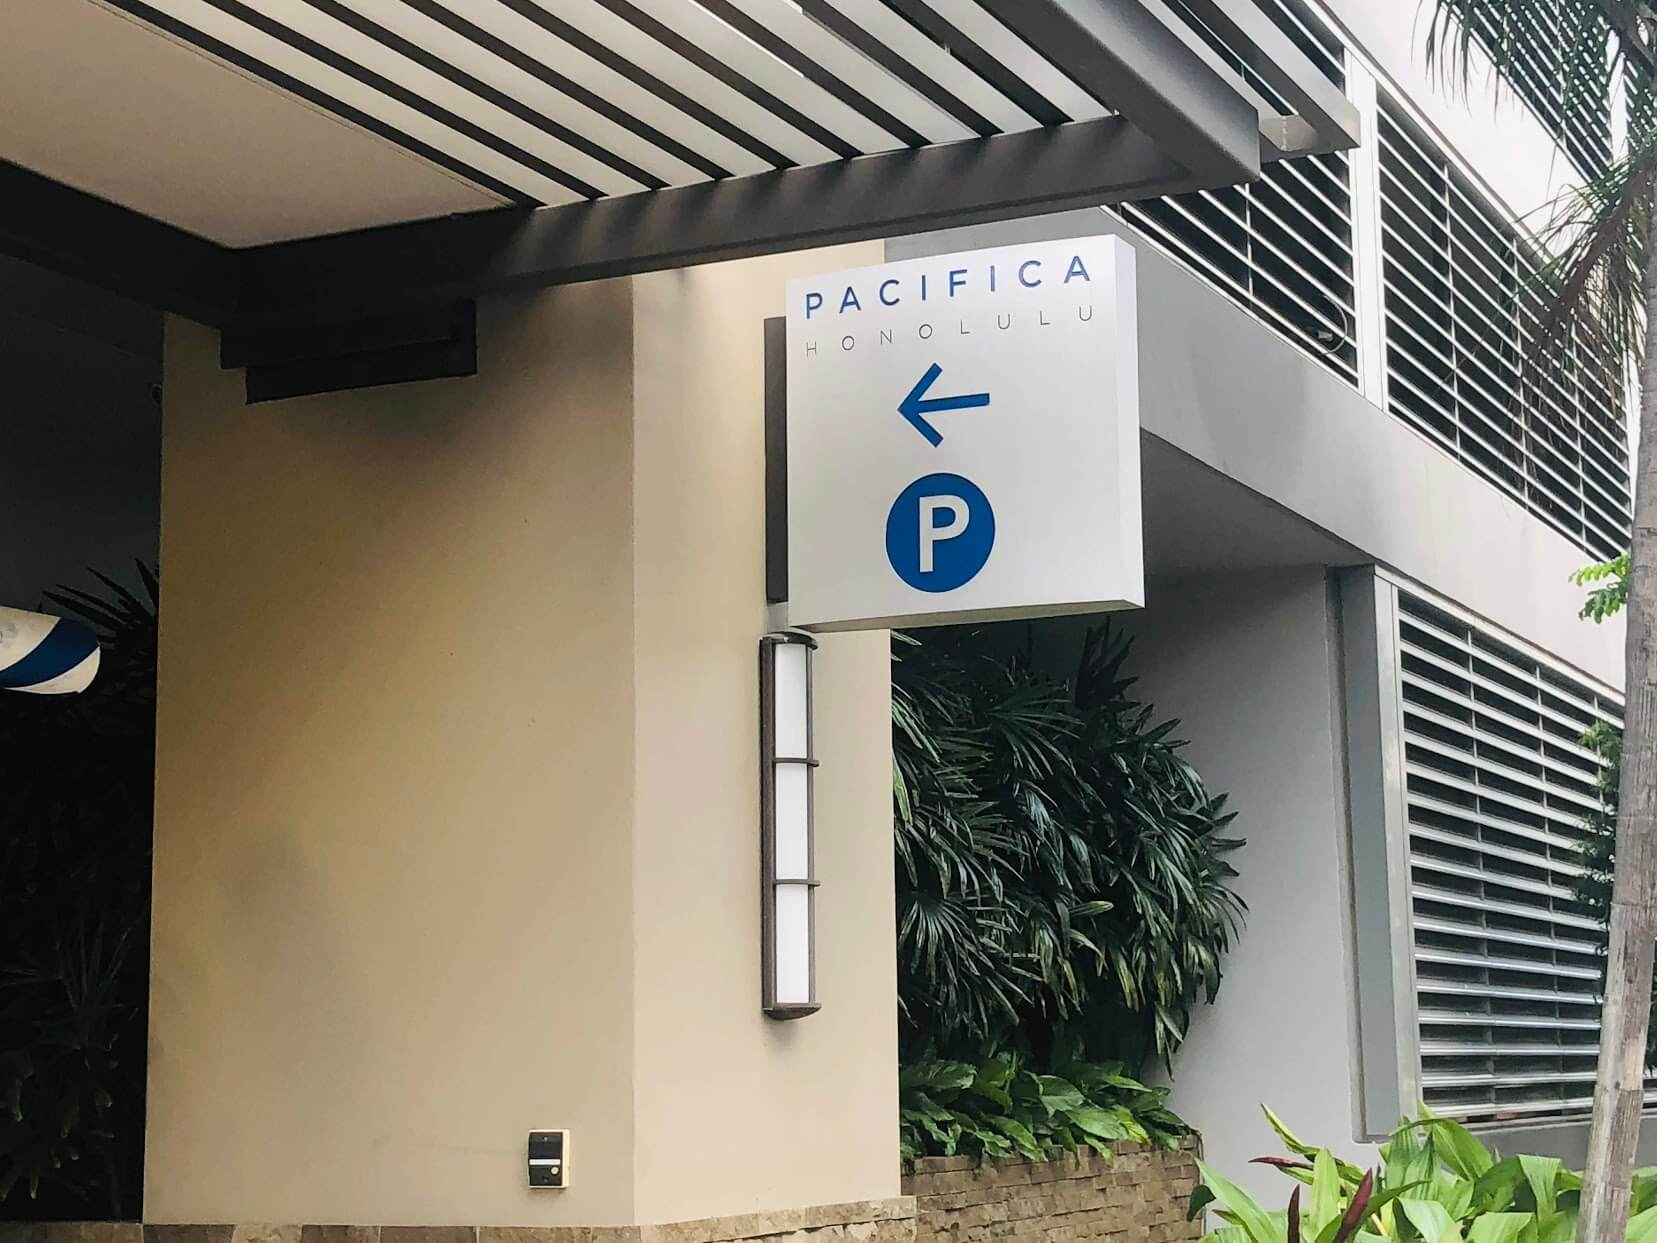 Pacifica Honoluluの駐車場の案内